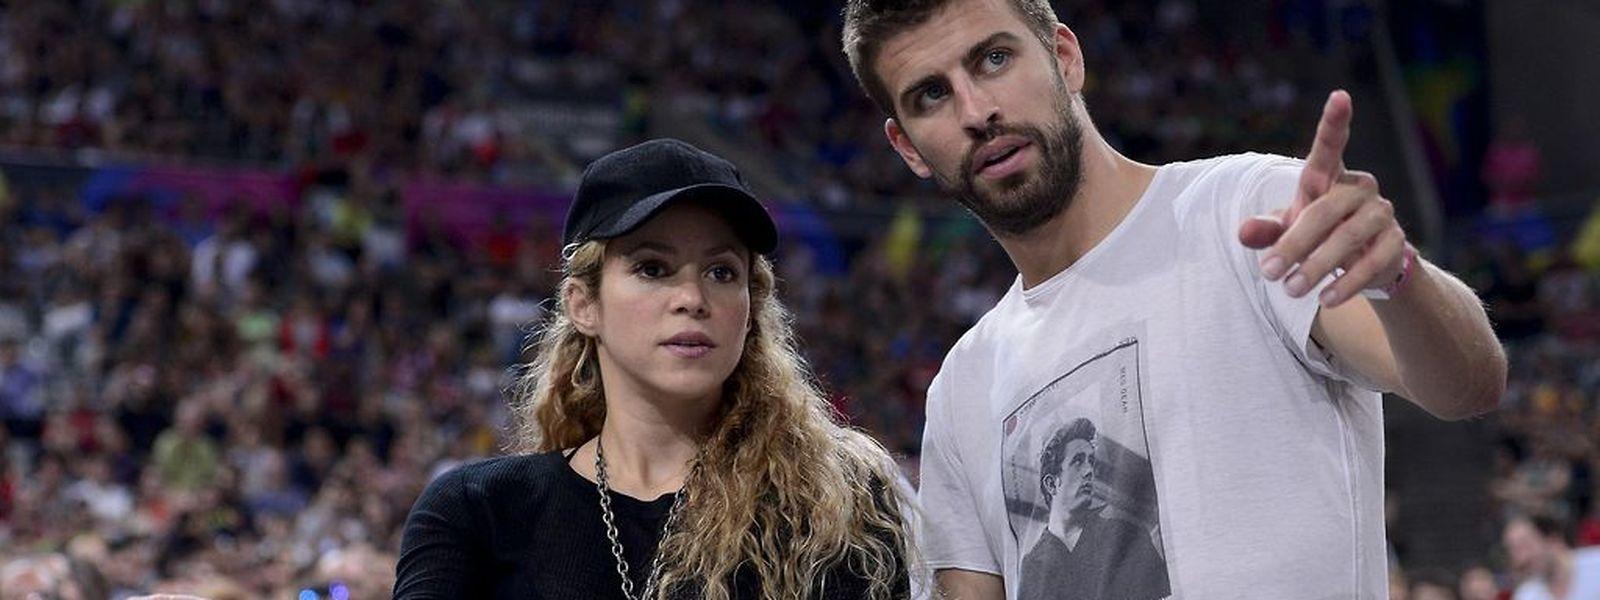 La chanteuse Shakira, ici avec son compagnon Gérard Piqué, fait partie de la liste des célébrités dévoilée.